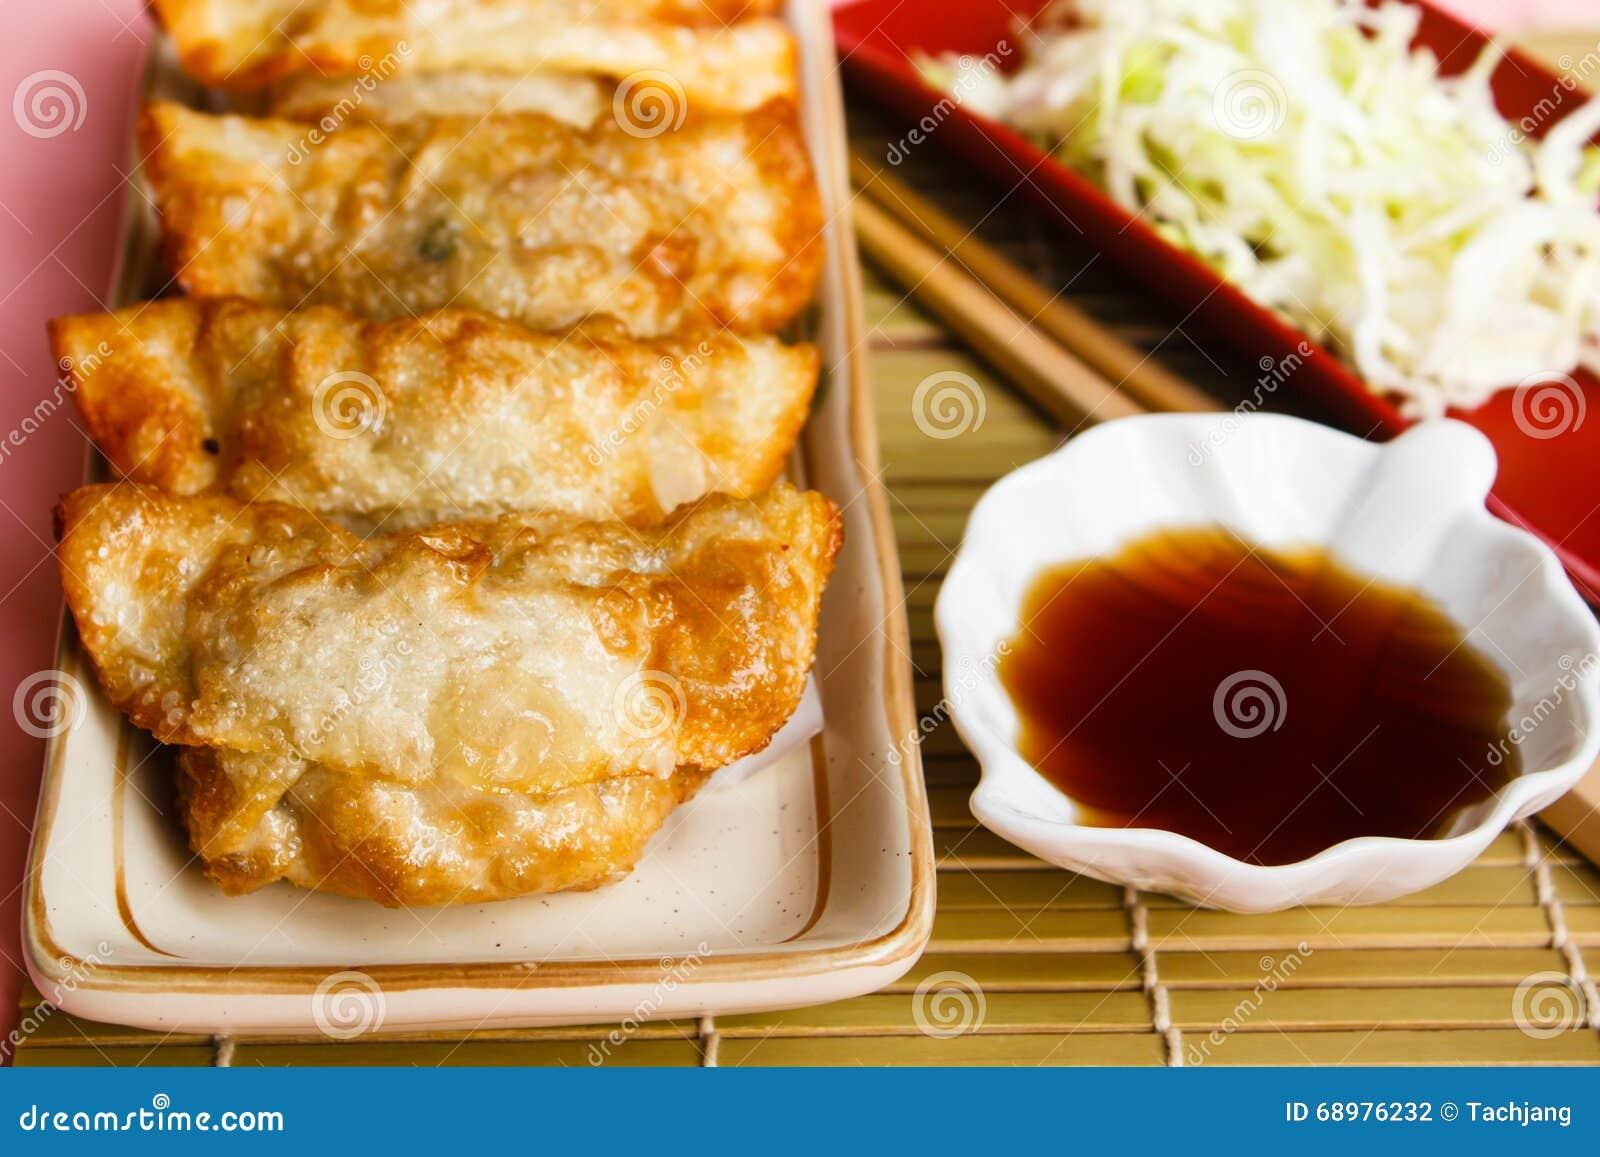 Fried Dumpling - Gyoza.